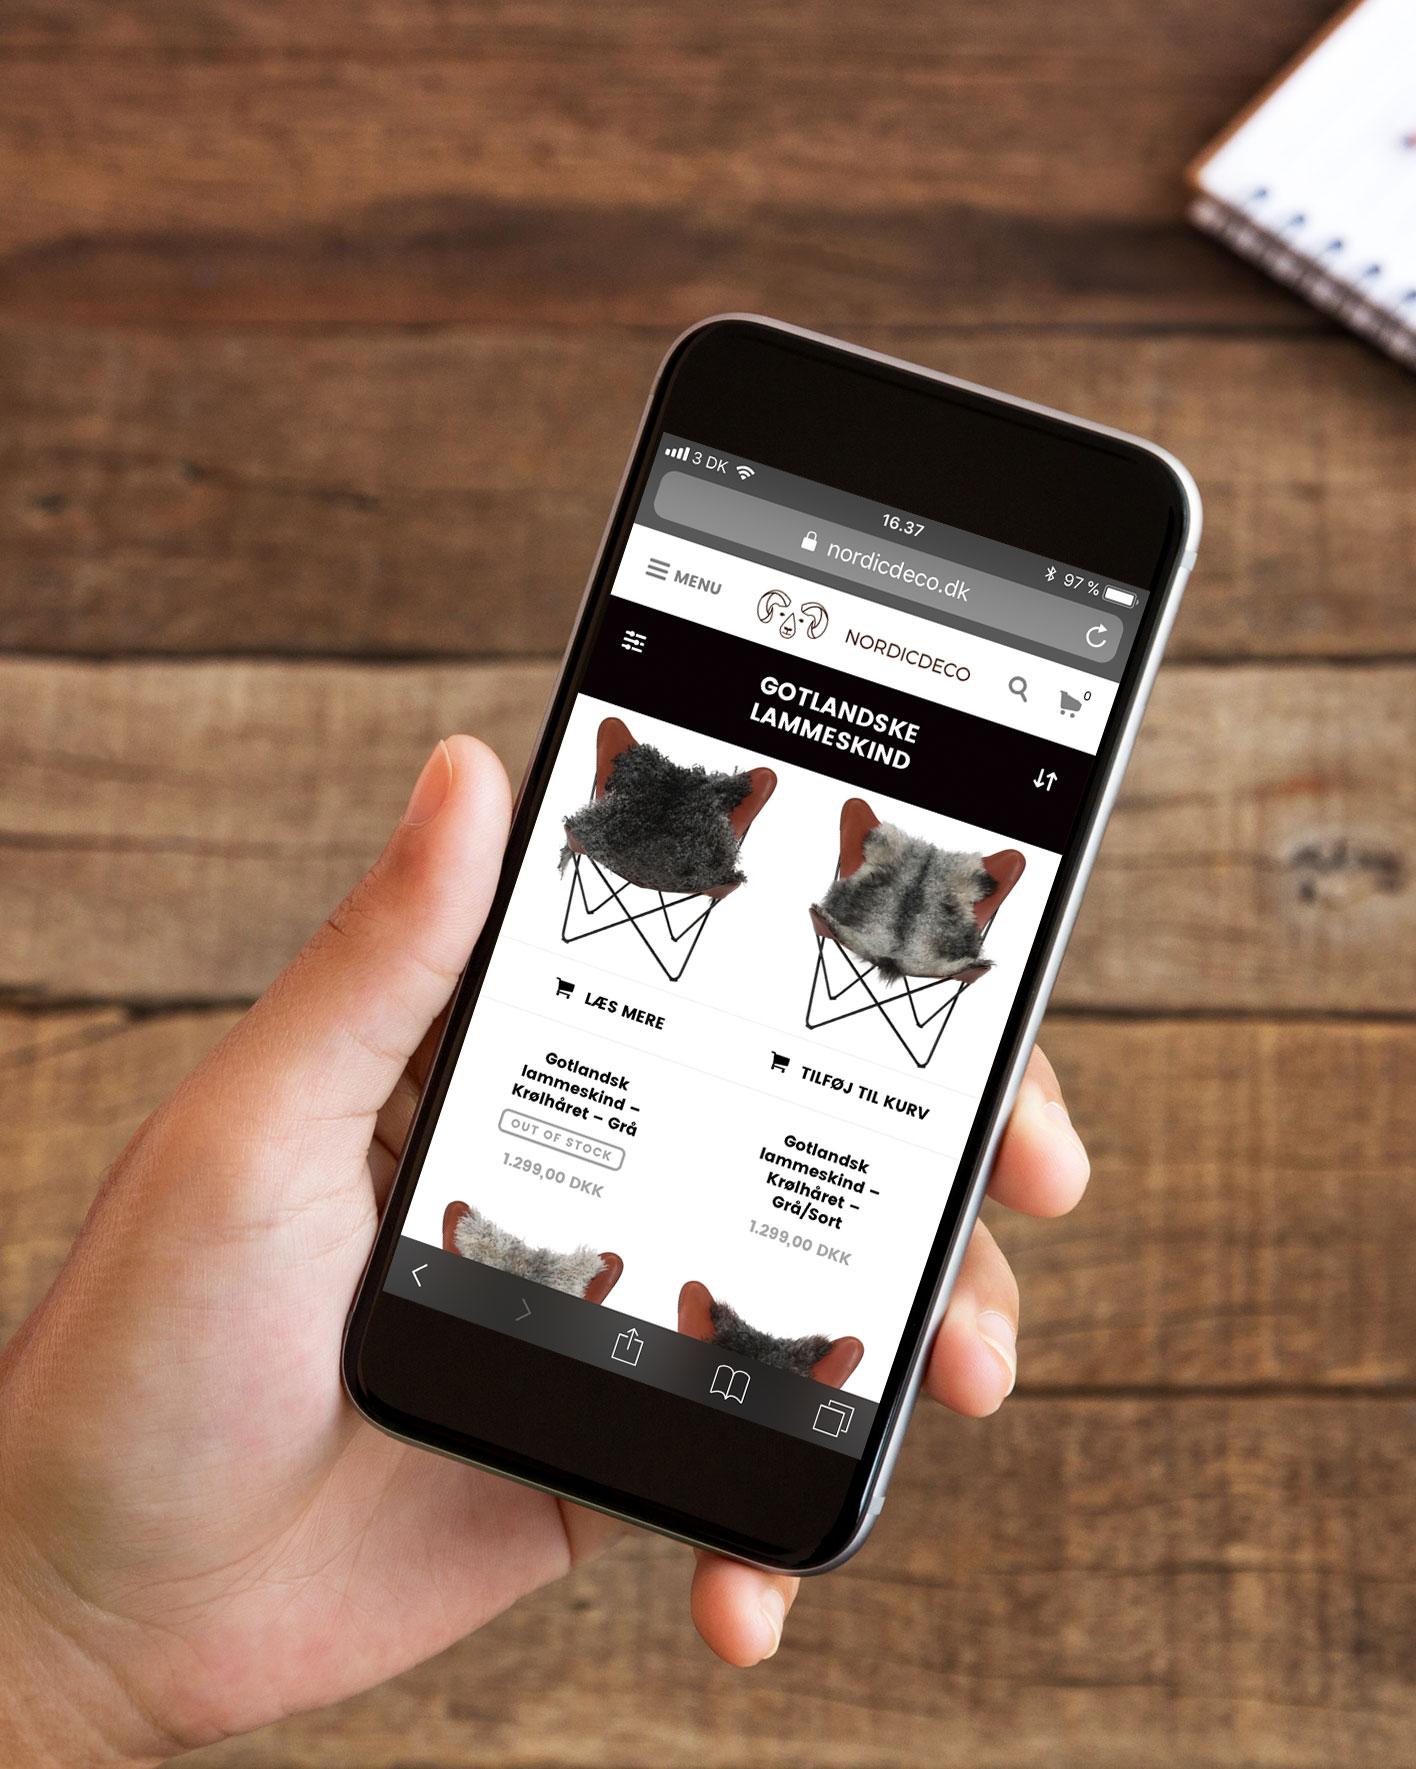 webshop udviklet i WordPress med Woocommerce som shop modul